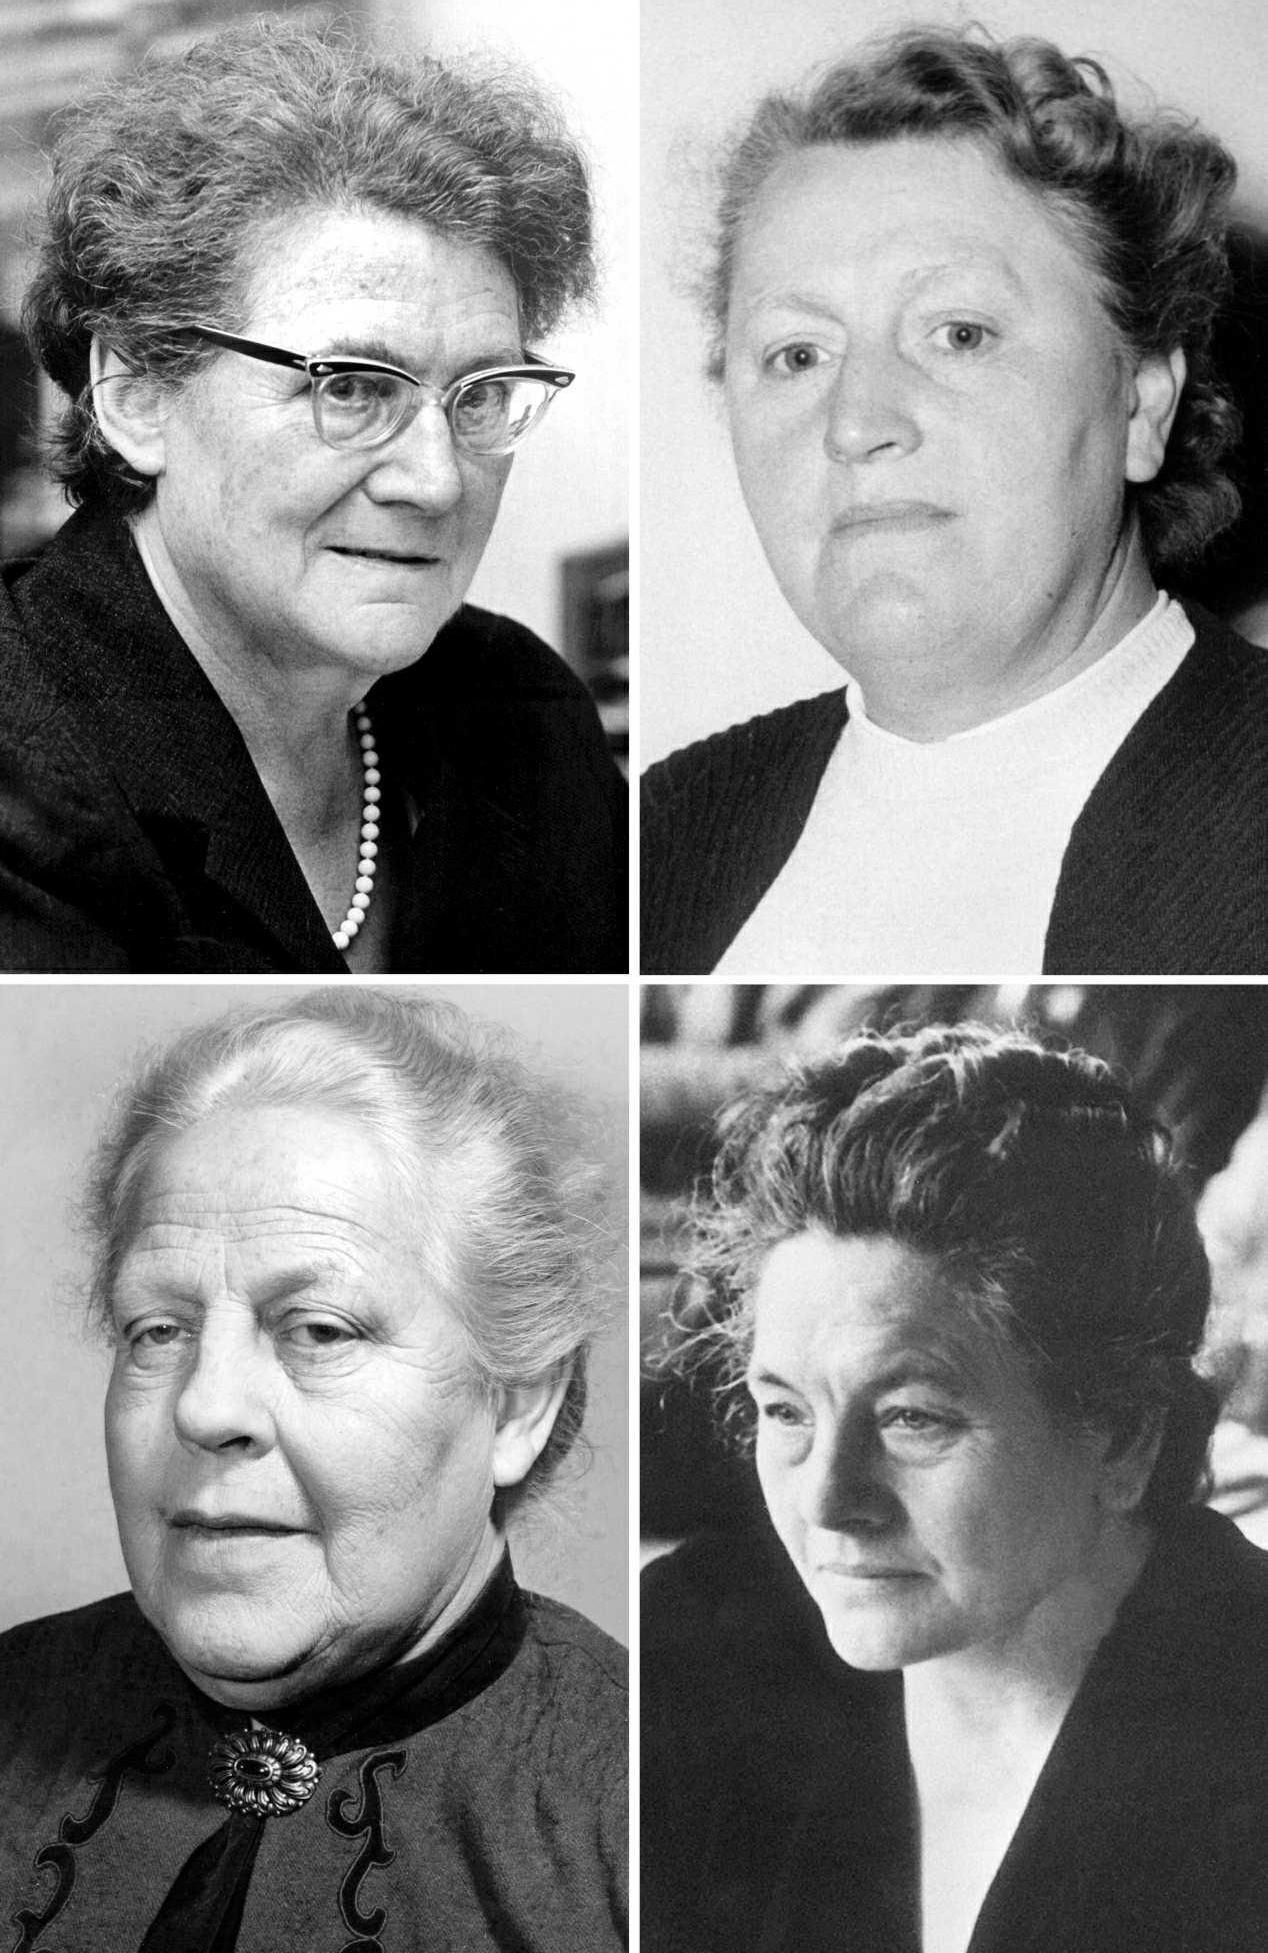 Ohne sie gäbe es die im Grundgesetz verankerte Gleichberechtigung von Männern und Frauen nicht: Helene Wessel (oben links, 04.07.1968), Elisabeth Selbert (oben rechts, 1953), Helene Weber (unten links, 08.03.1956), Frieda Nadig (unten rechts, undatiert).Foto: dpa